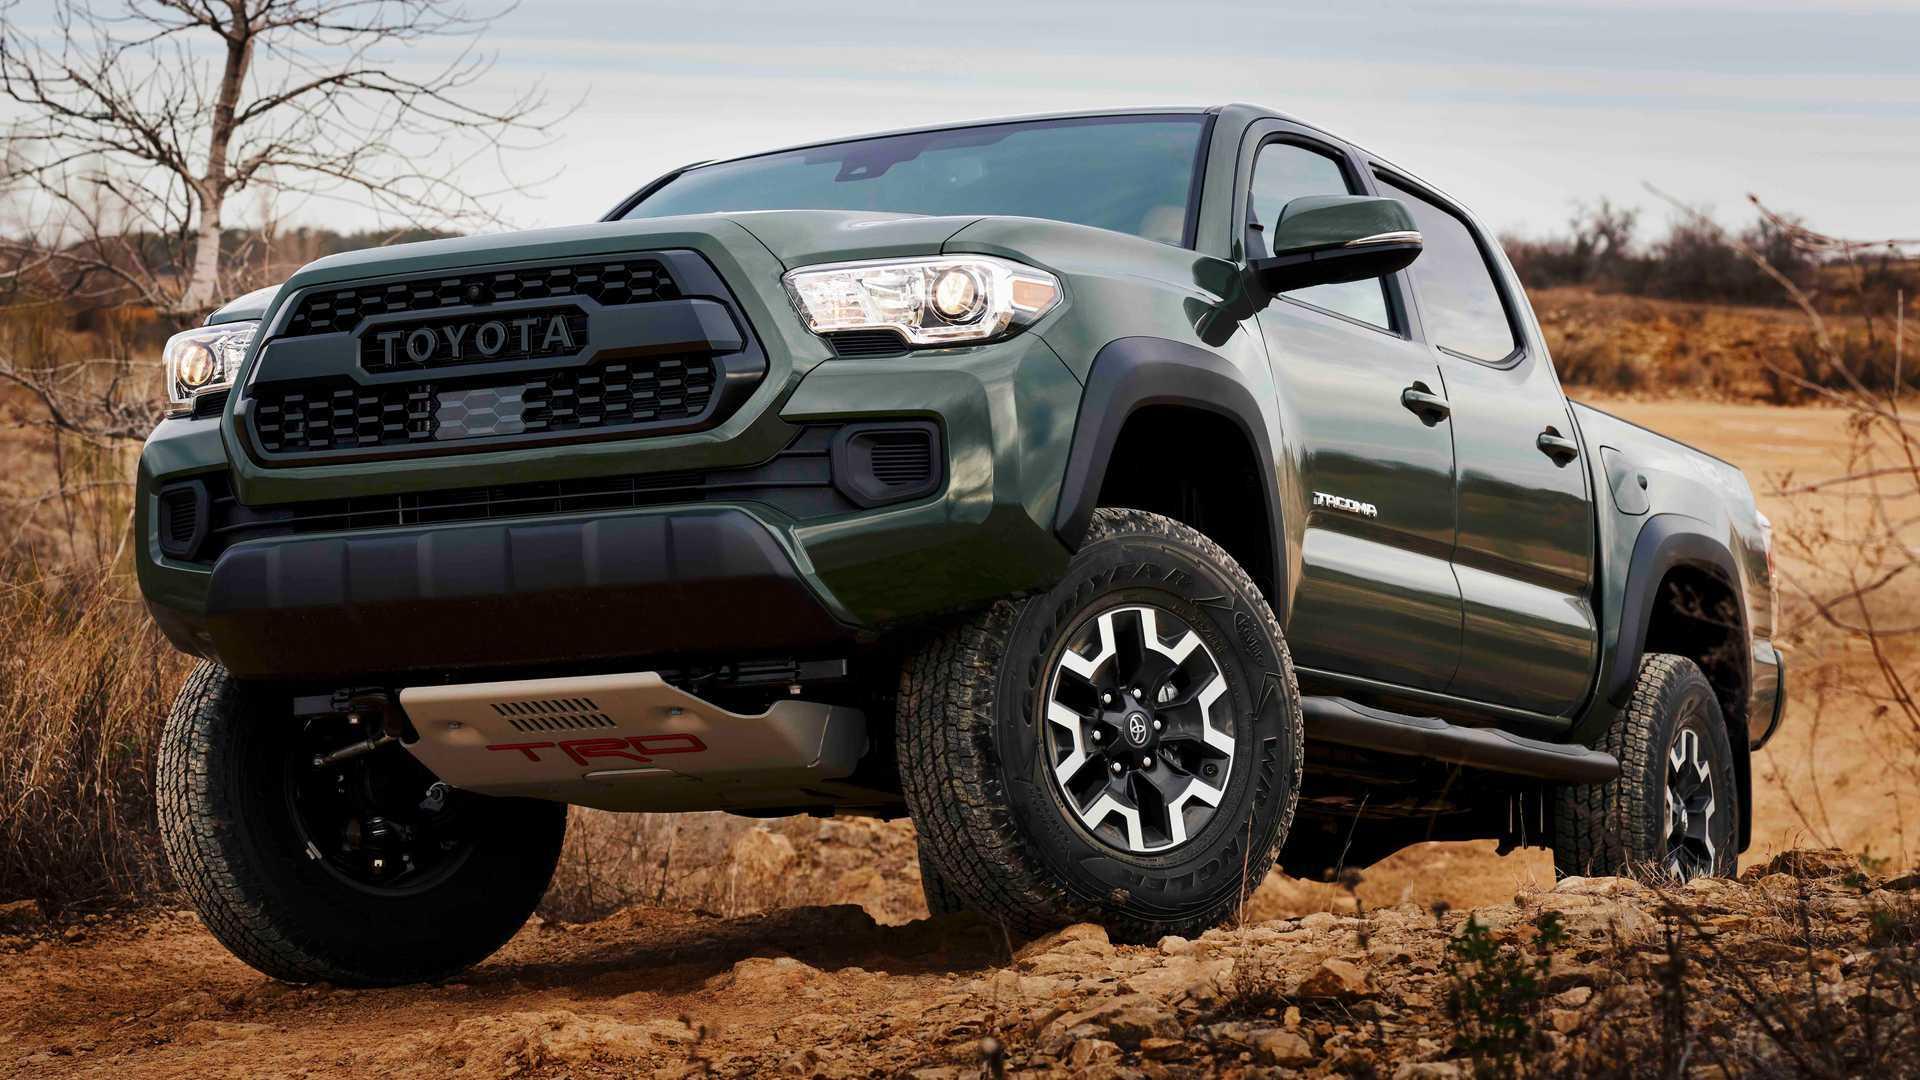 Toyota Tacoma получает заводской подъемный комплект, совместимый с технологиями безопасности